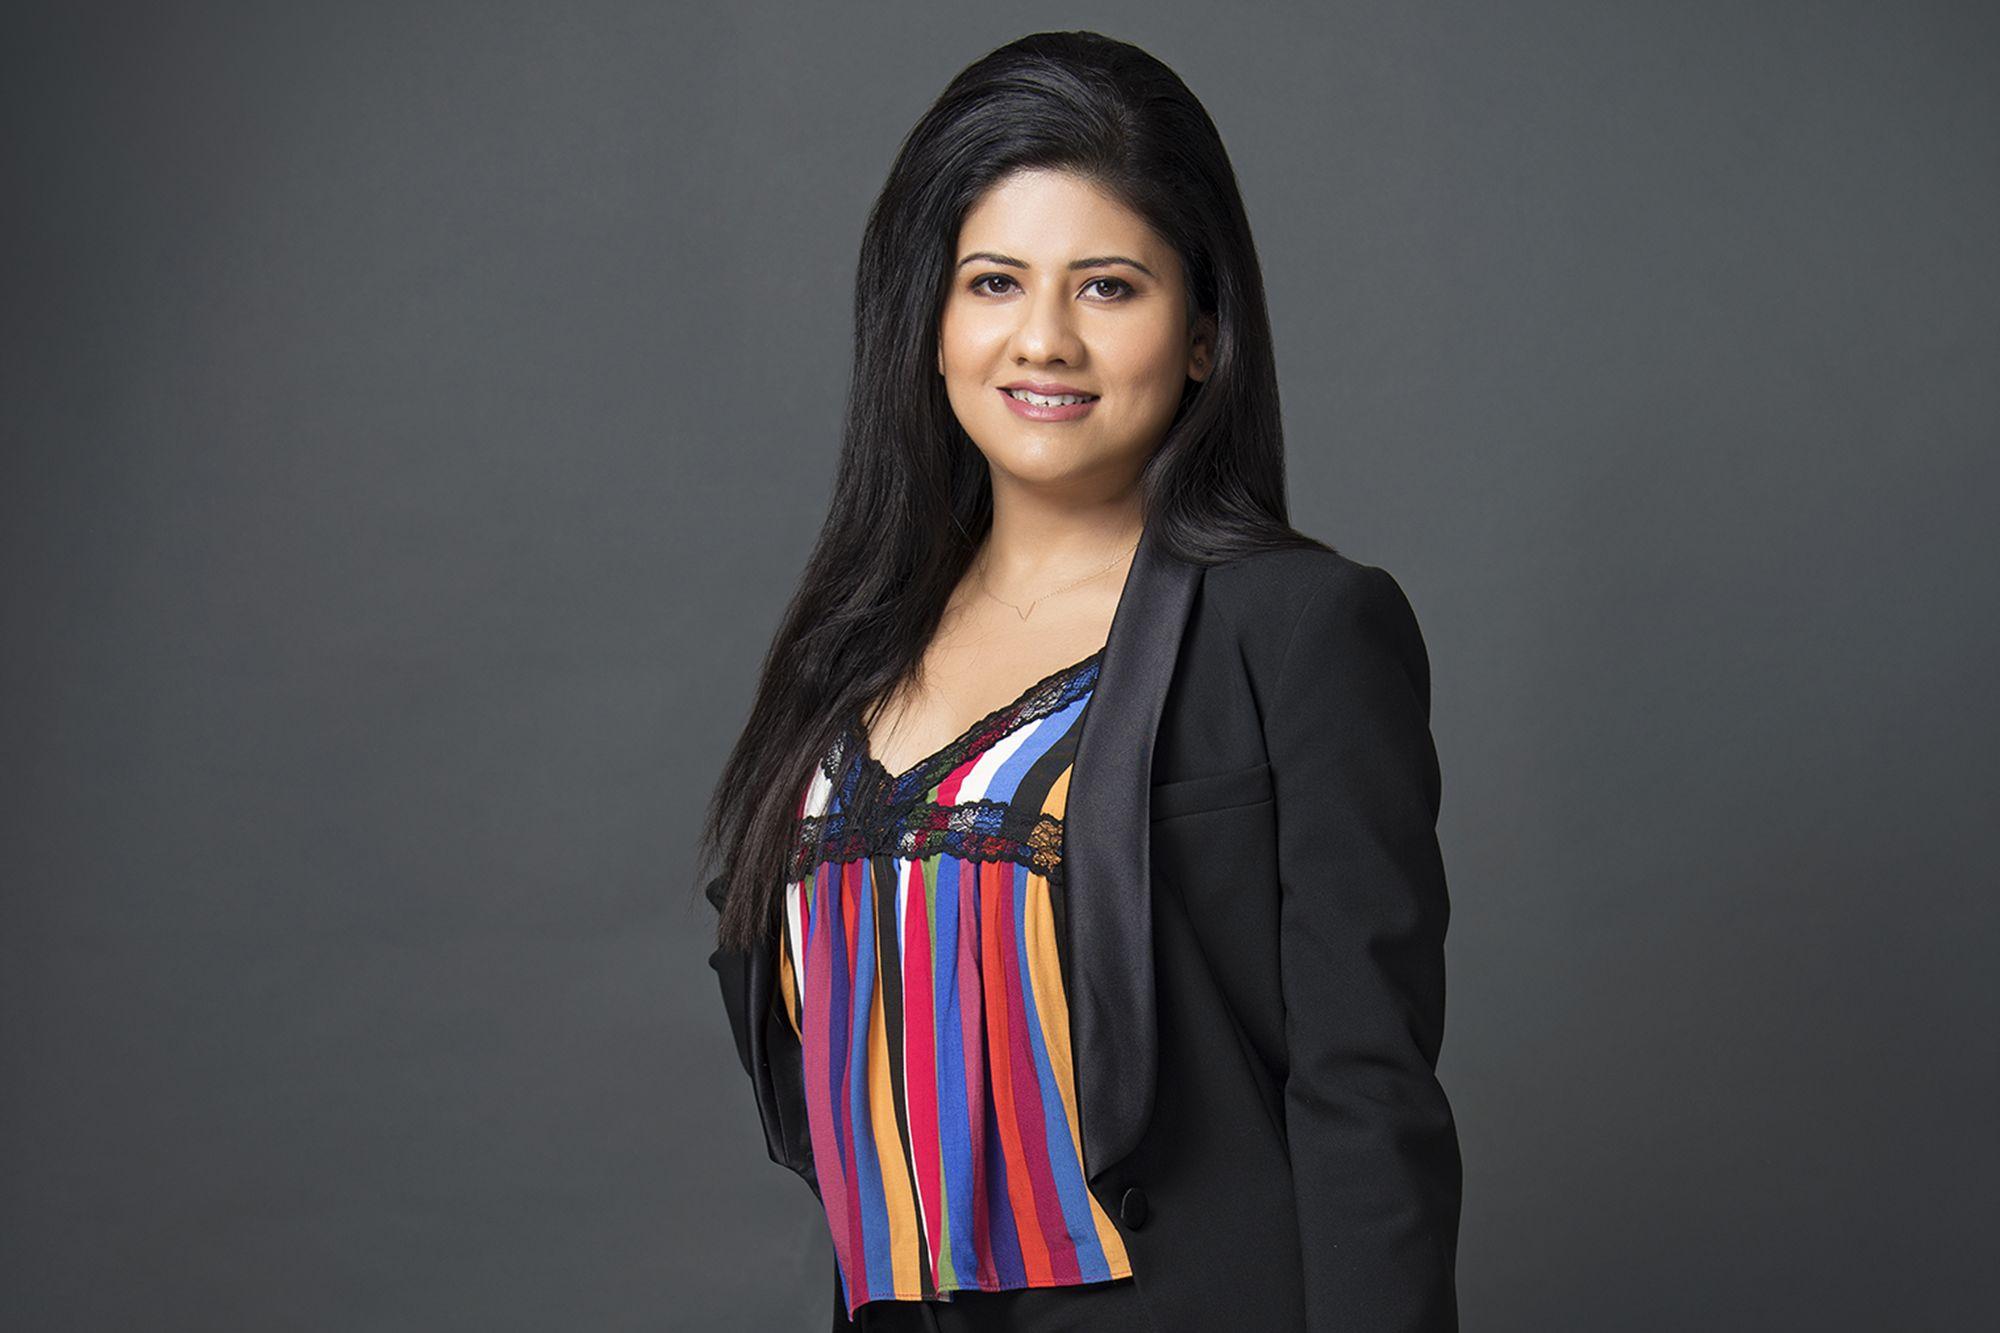 Nandini-Shenoy